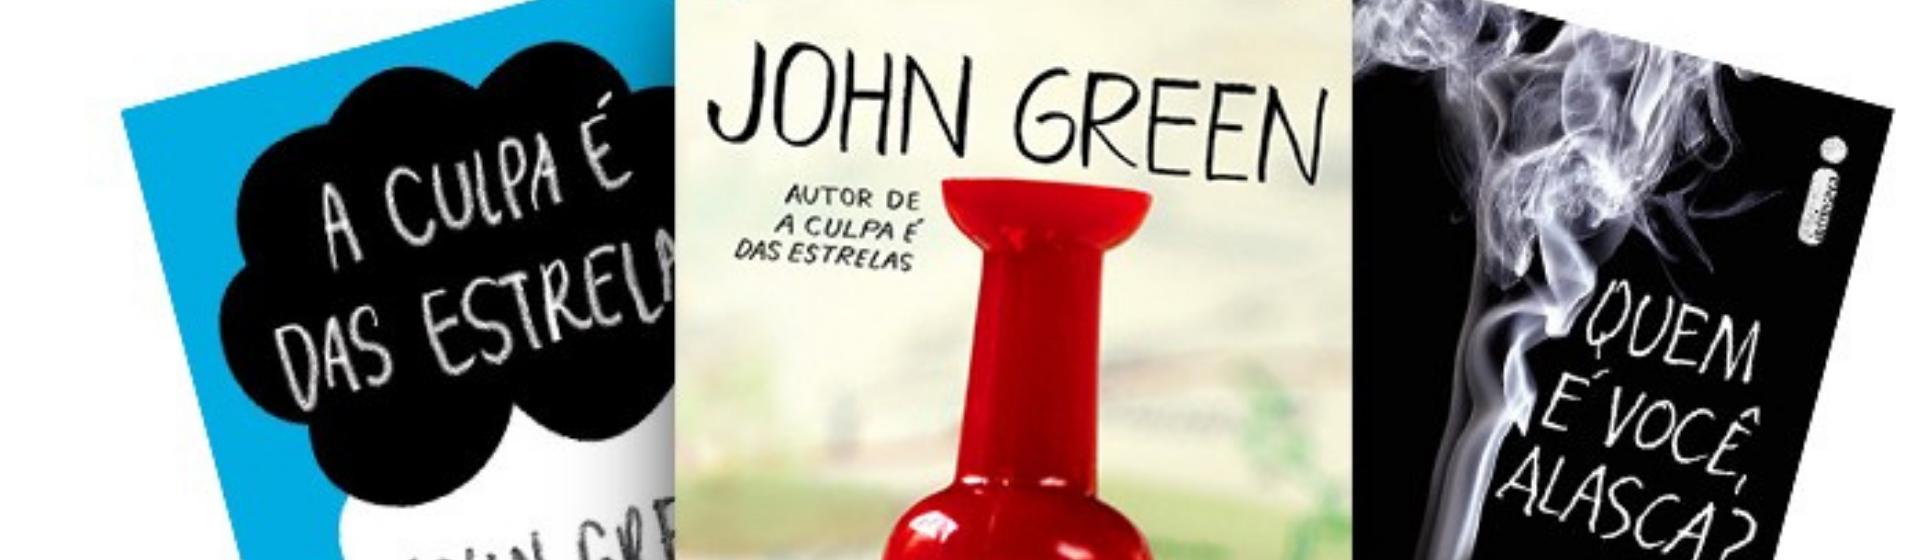 John Green: conheça 7 livros do autor de A Culpa é das Estrelas